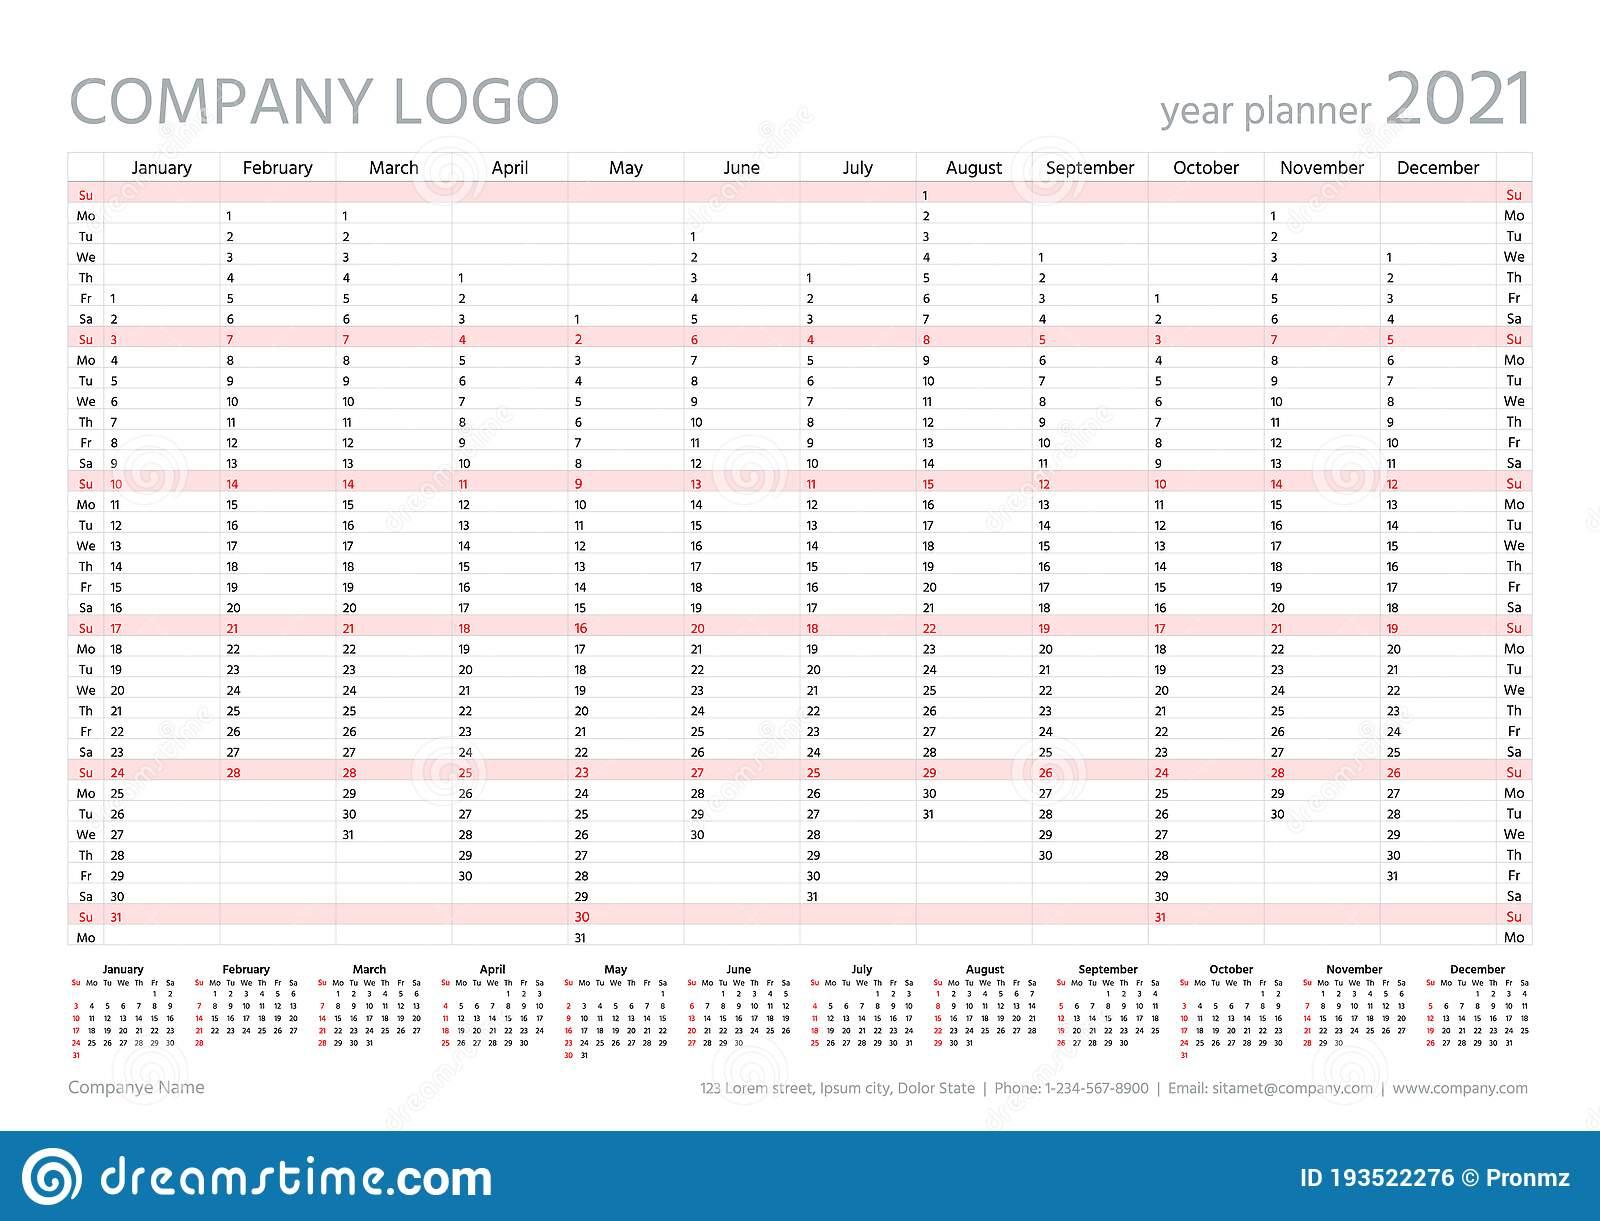 2021 Year Planner Calendar. Vector. Wall Calender Template